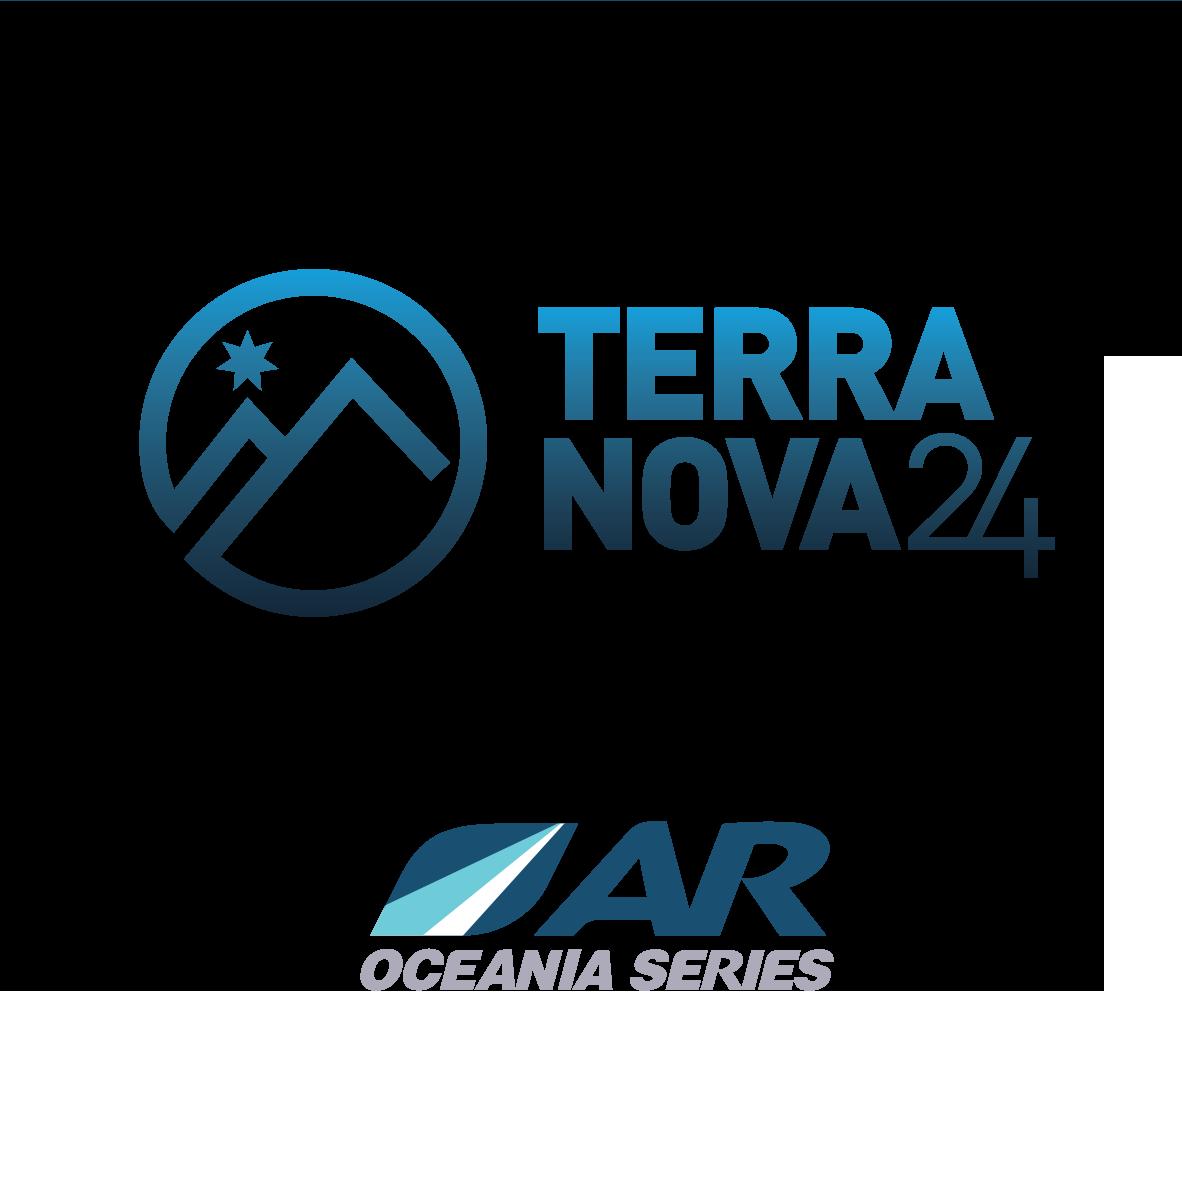 terra-nova-logo.png